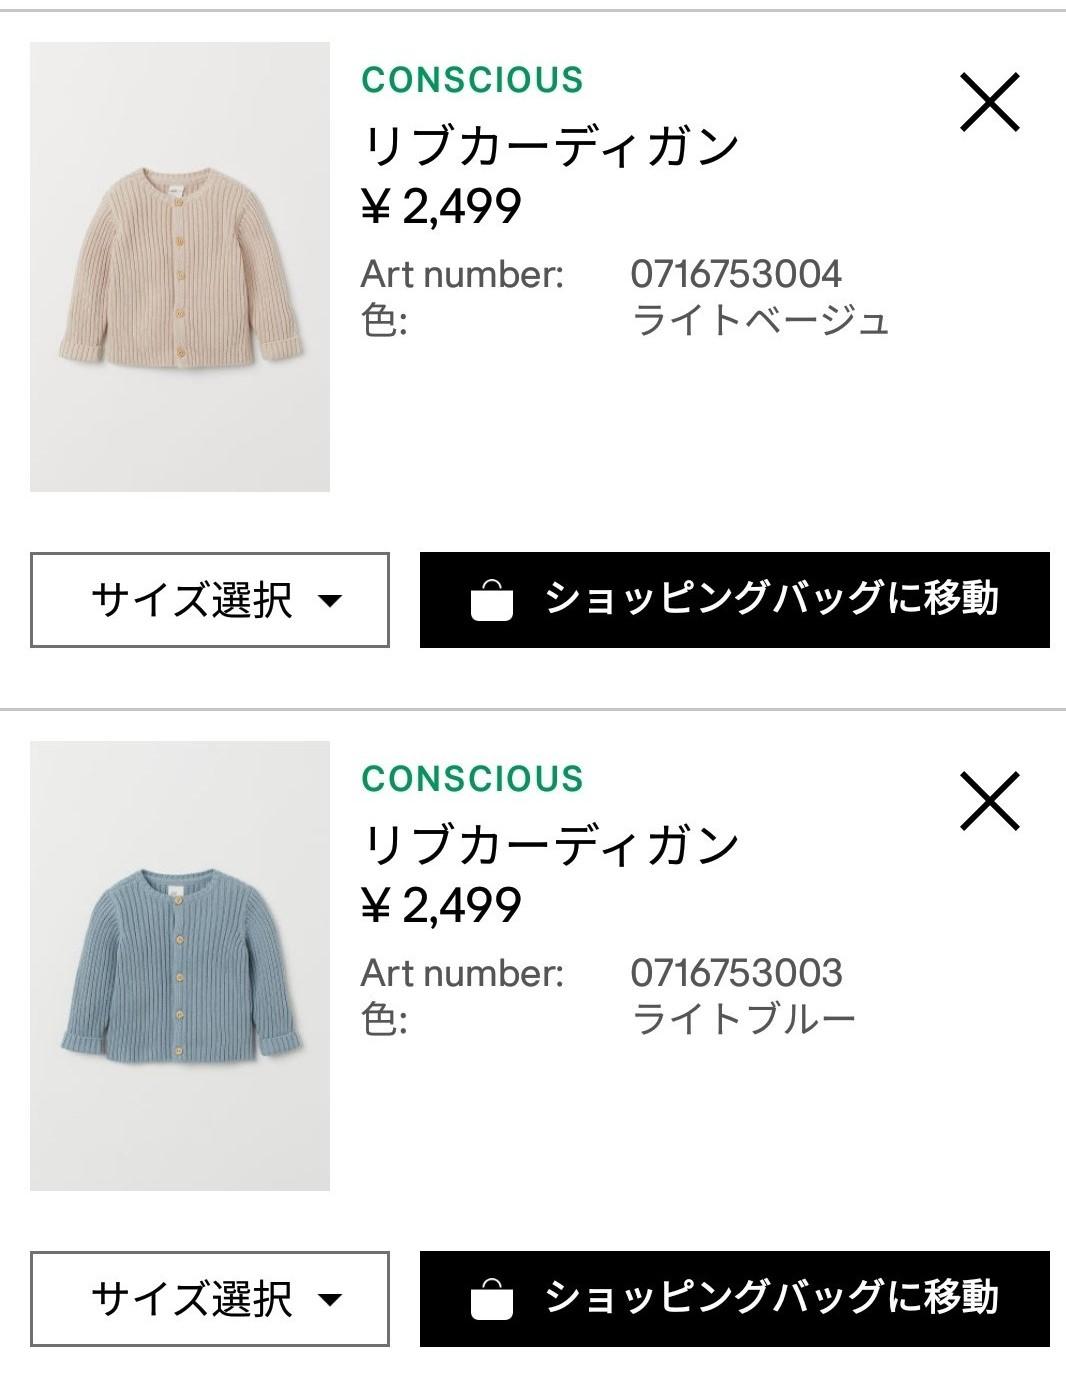 H&Mベビーのお値段